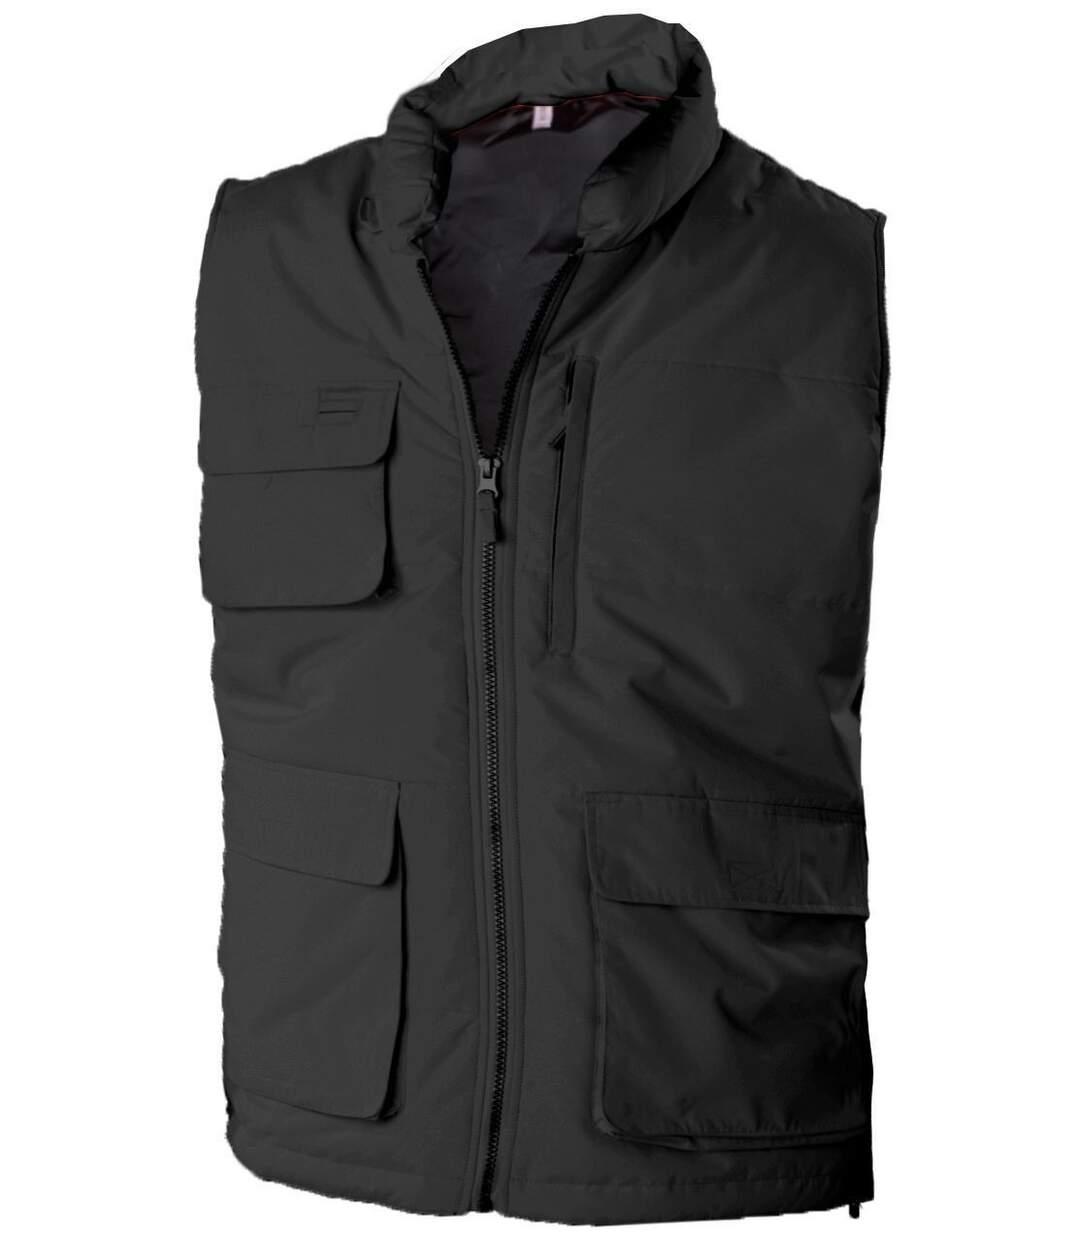 Veste sans manches bodywarmer matelassé - K615 - gris foncé